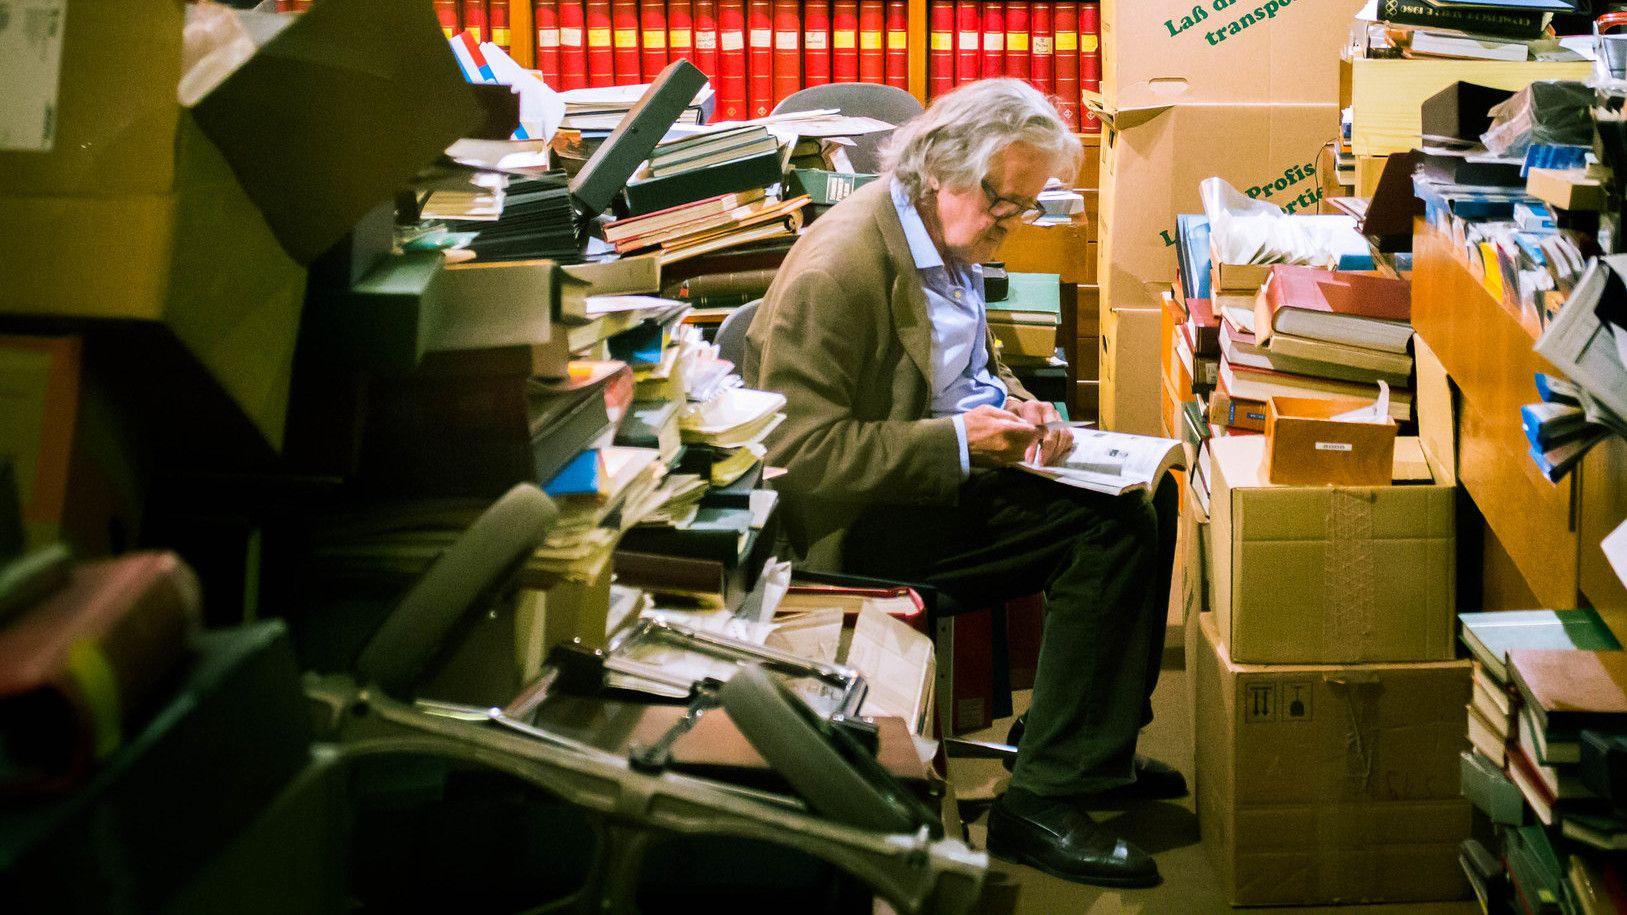 Un homme aux cheveux blancs assis parmi un chaos de documents, écrivant sur un bloc-note.